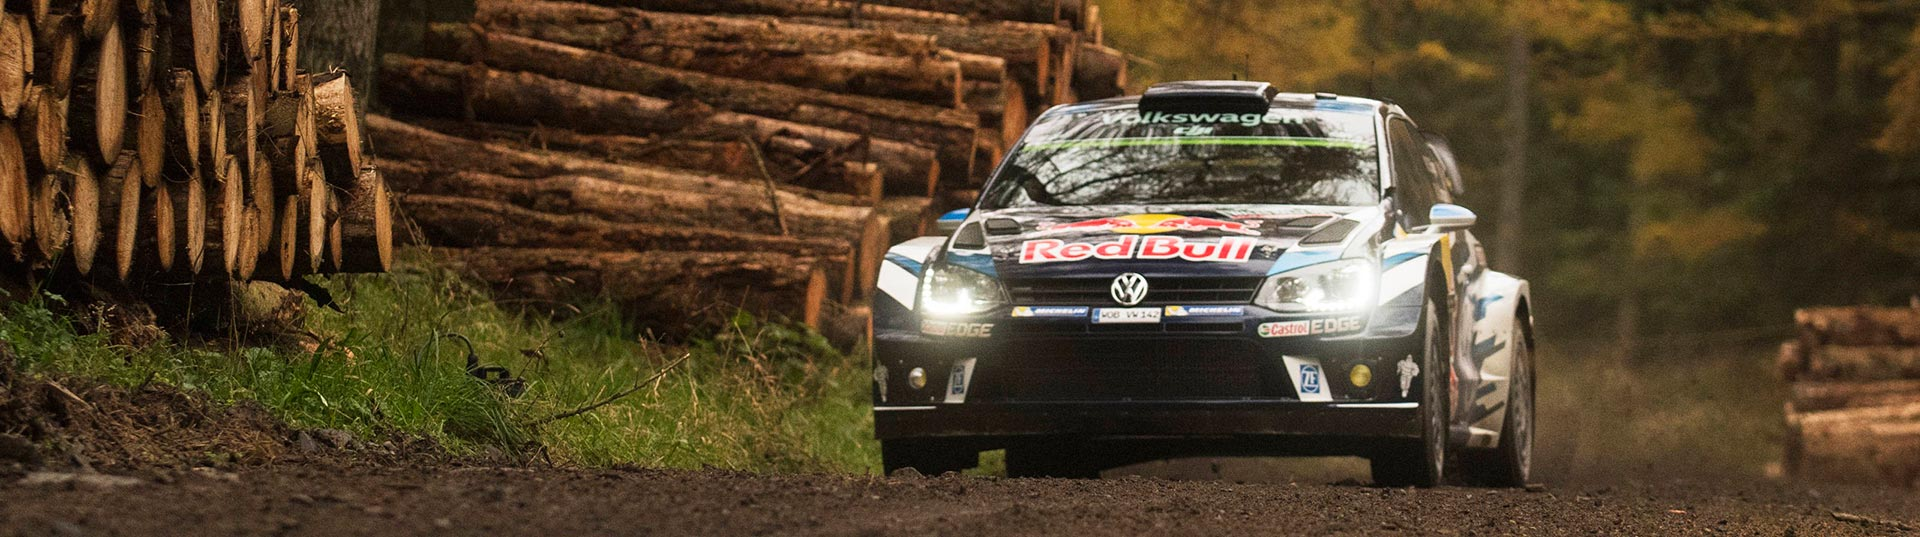 Ogier no WRC Rali de Gales